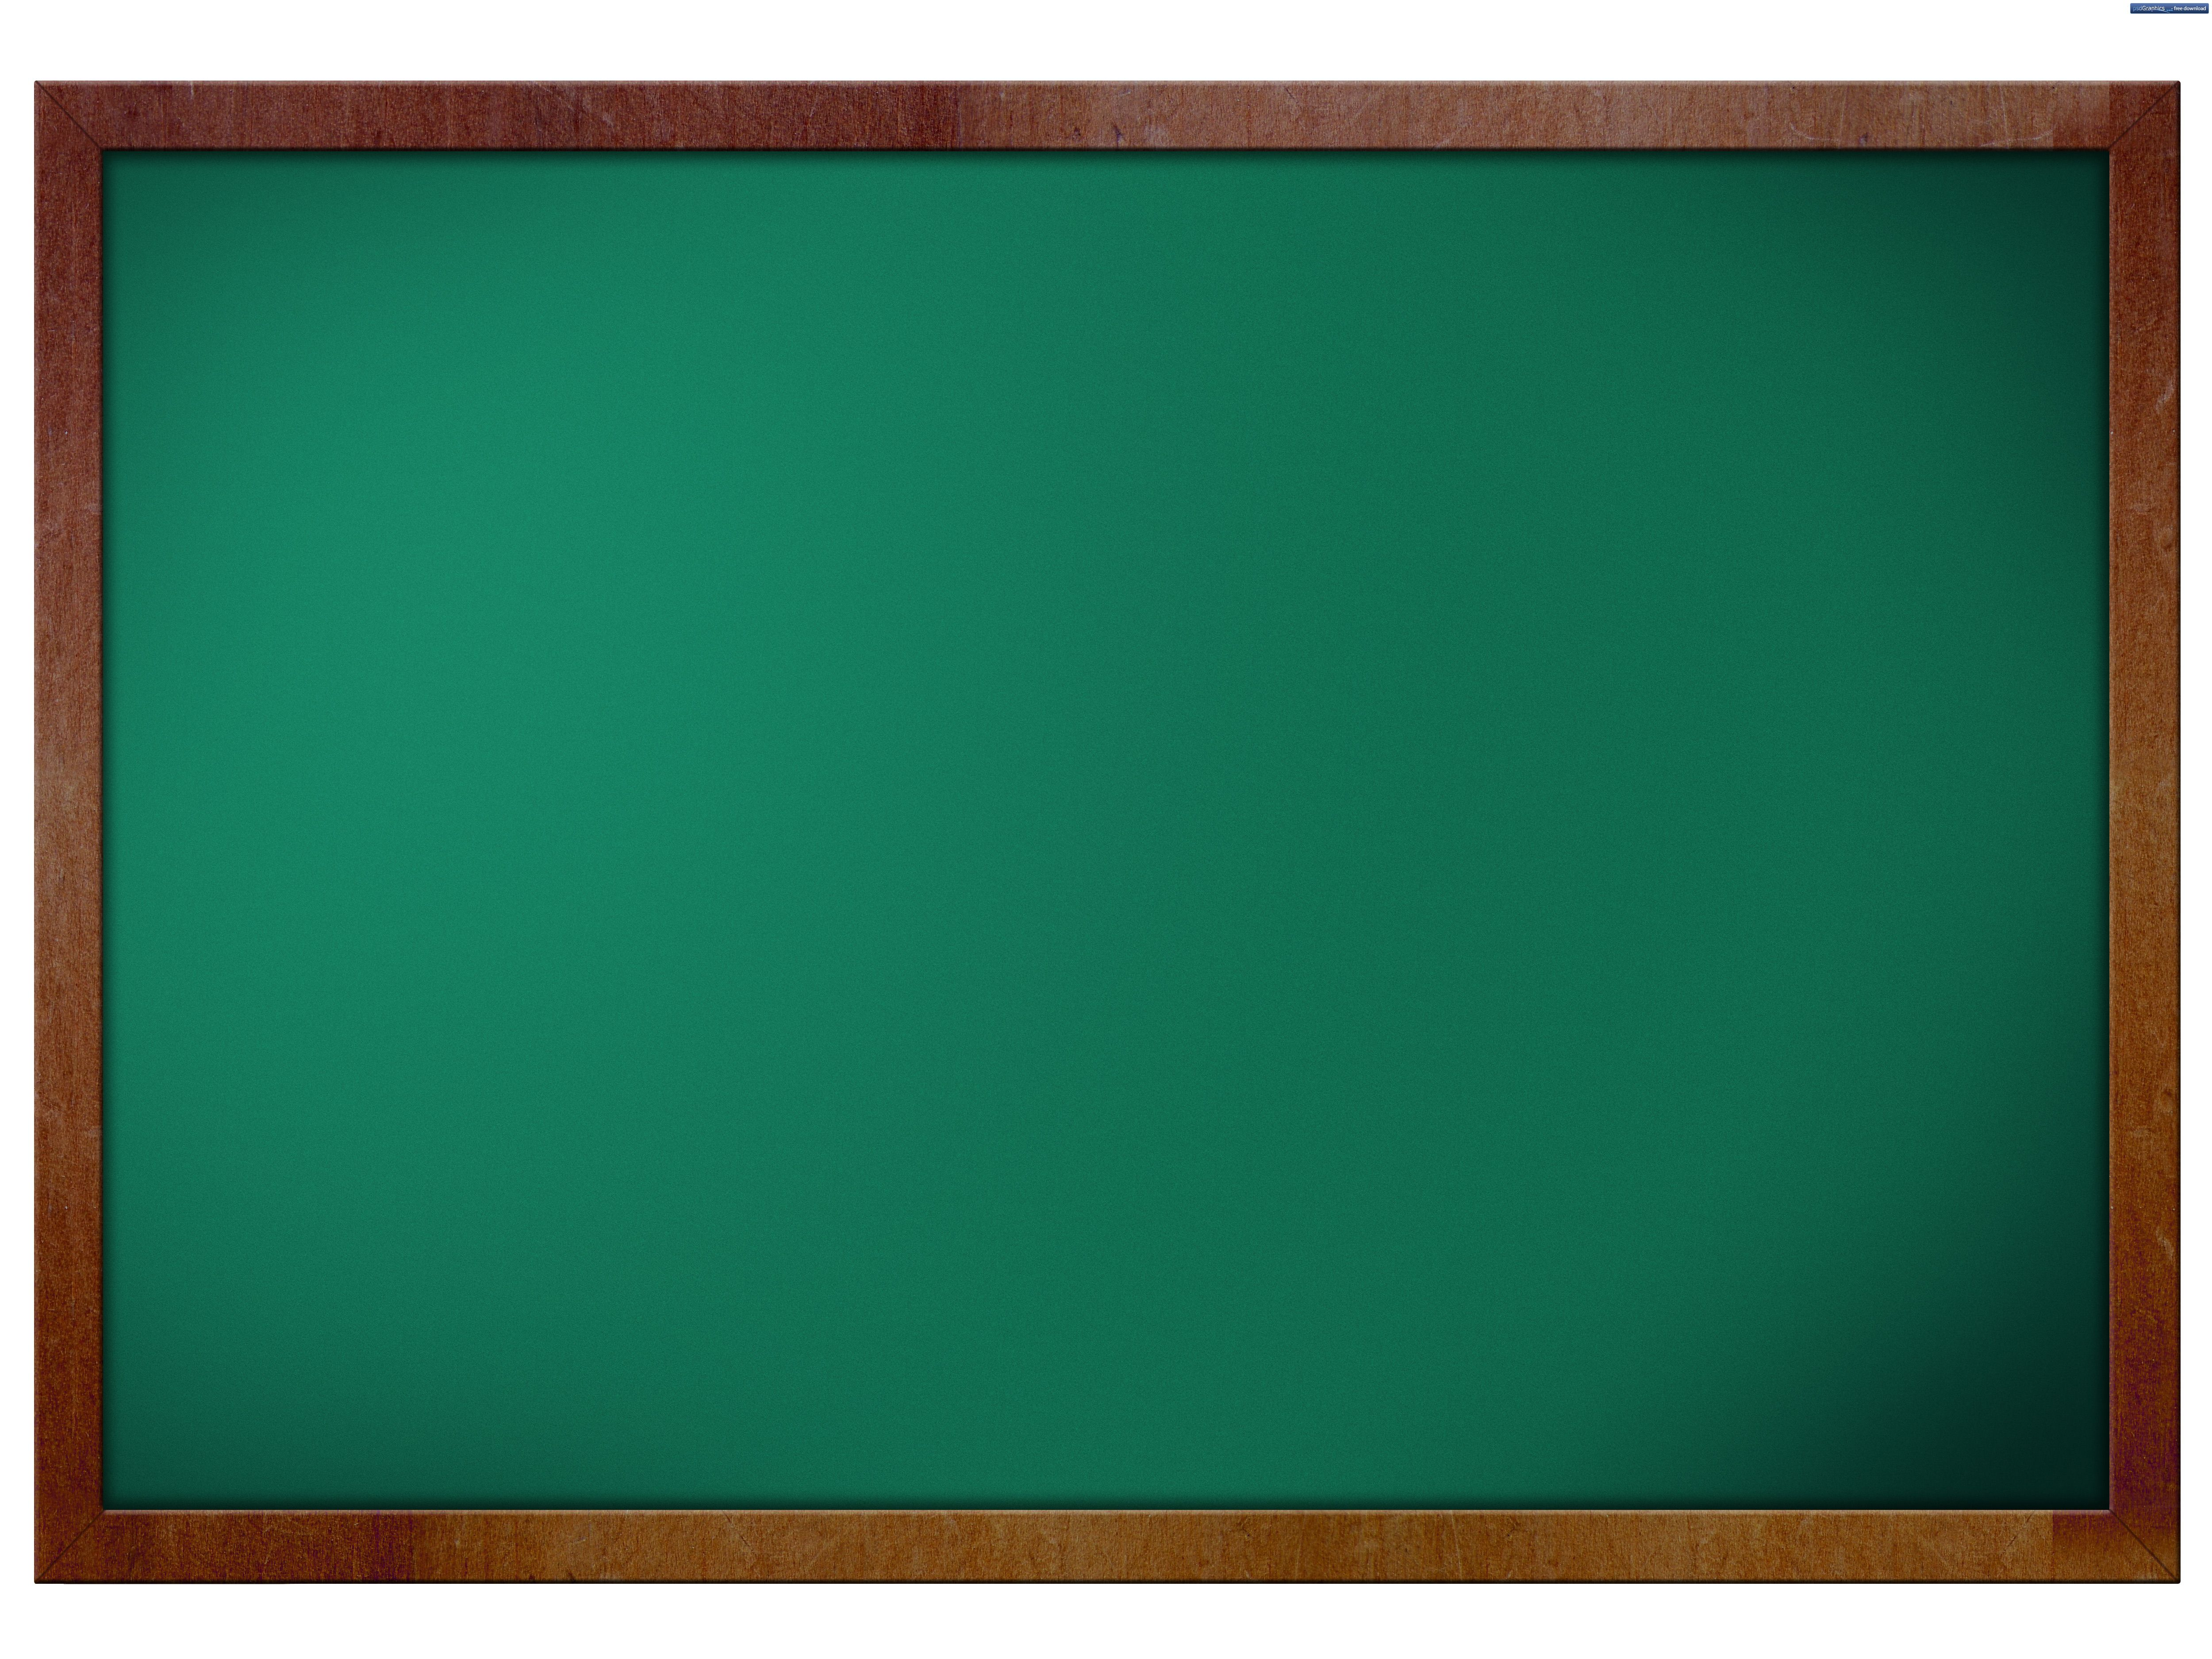 blank chalkboard clipart clipart kid school ideas pinterest